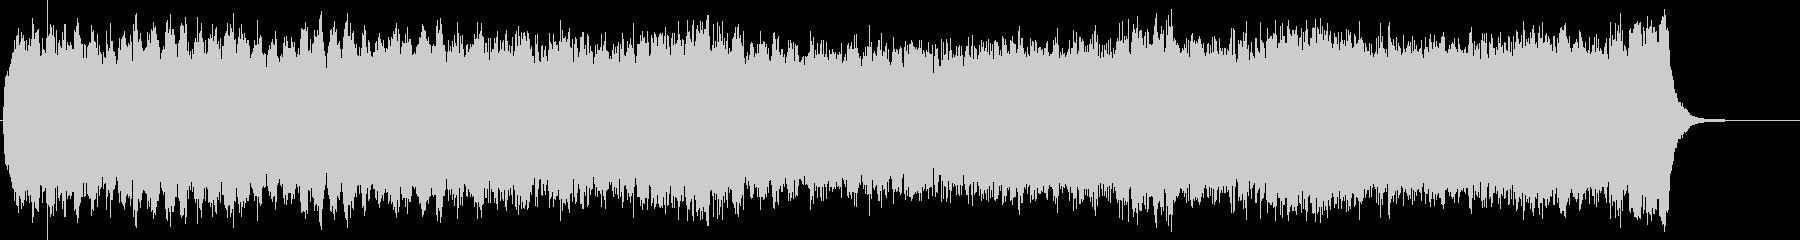 大聖堂に響くパイプオルガンと合唱団風の未再生の波形